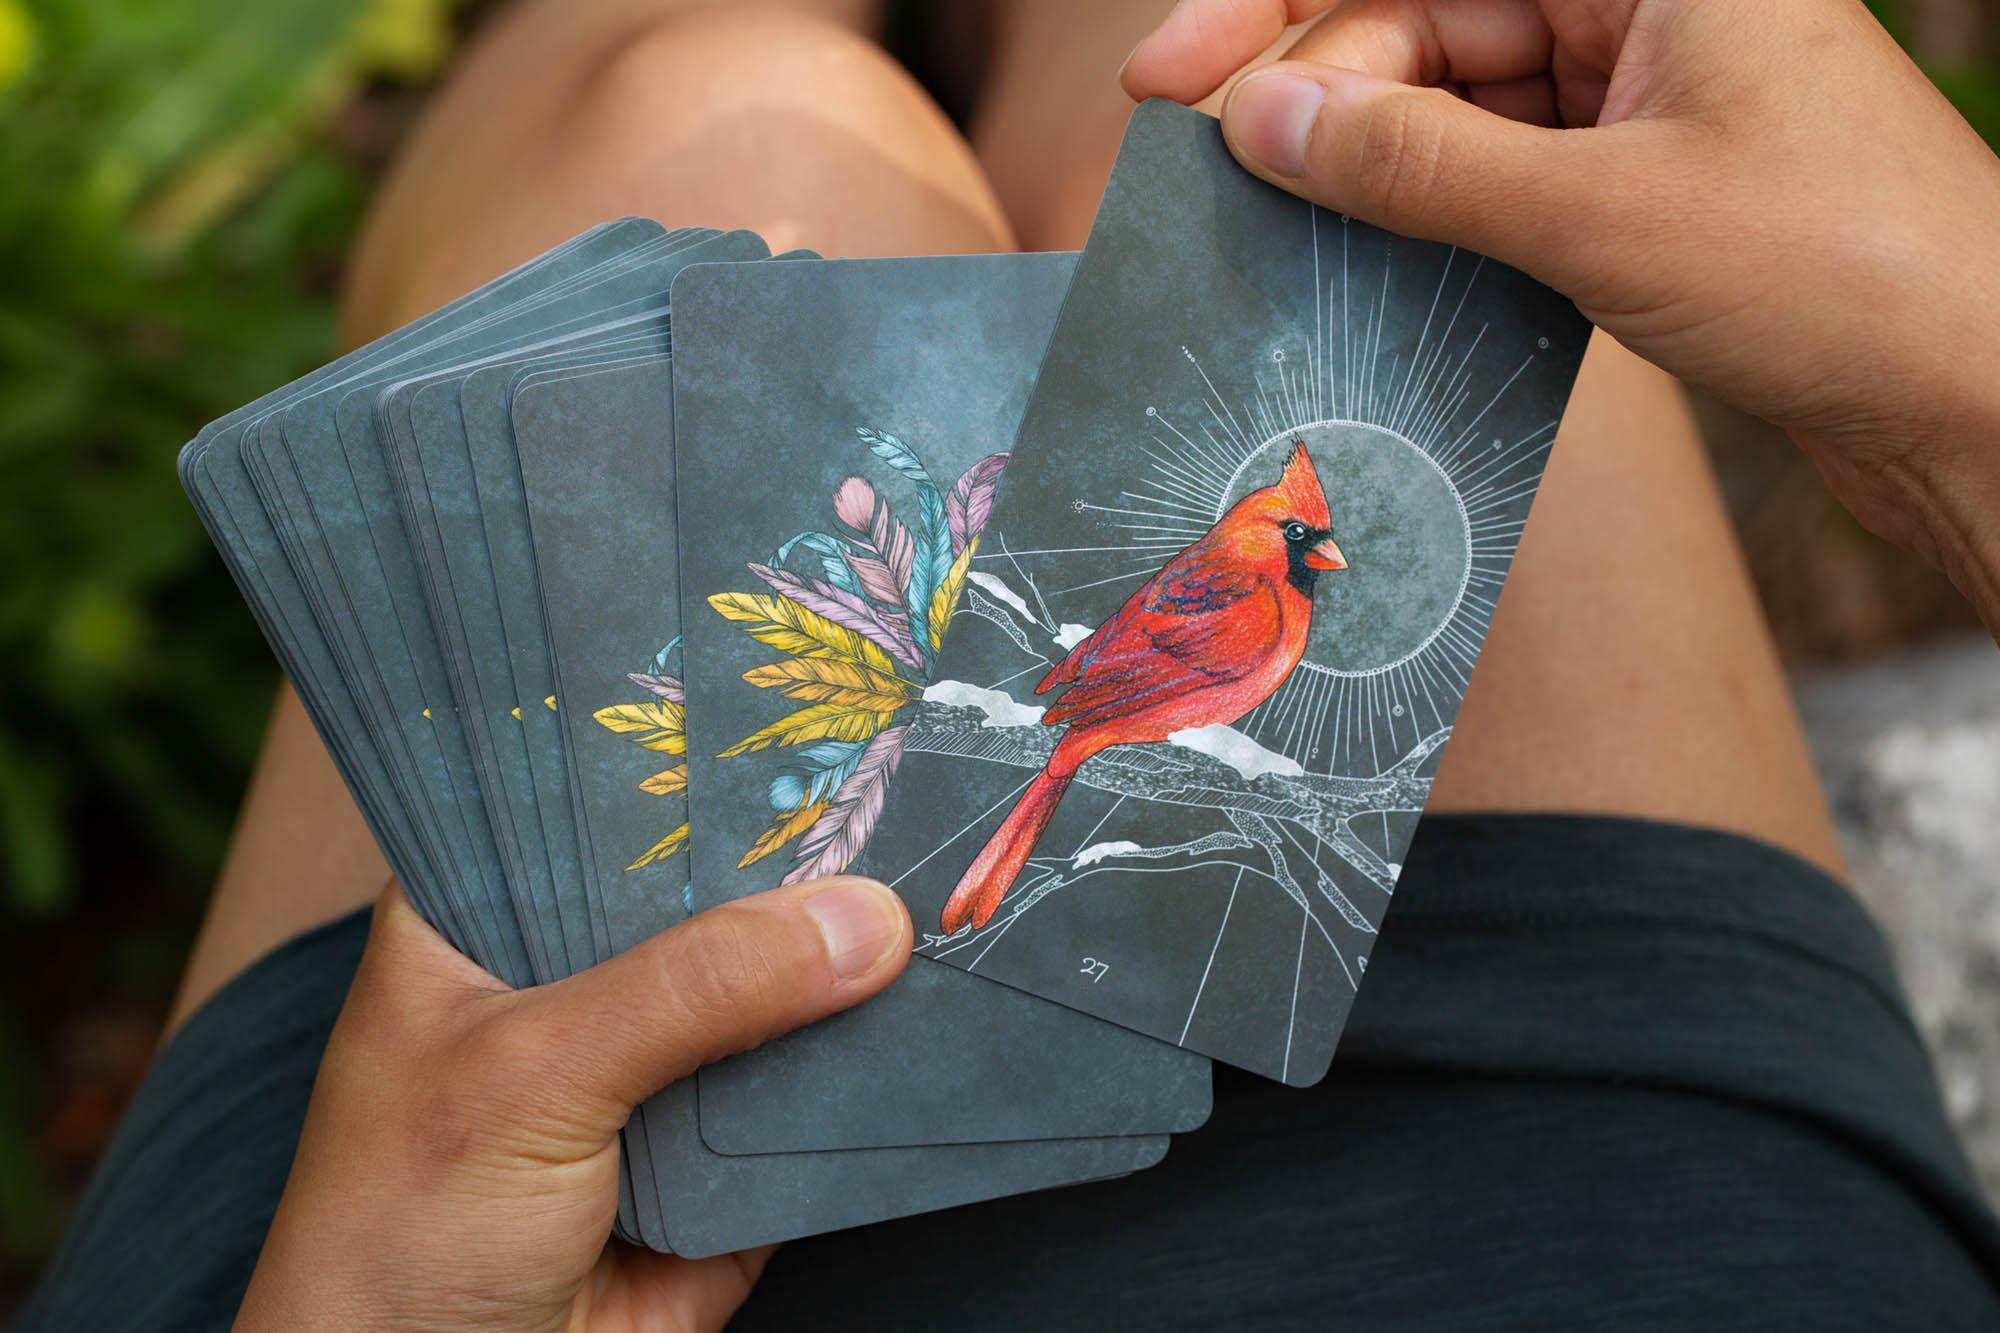 jbs-BirdsOracleDeck_04.jpg